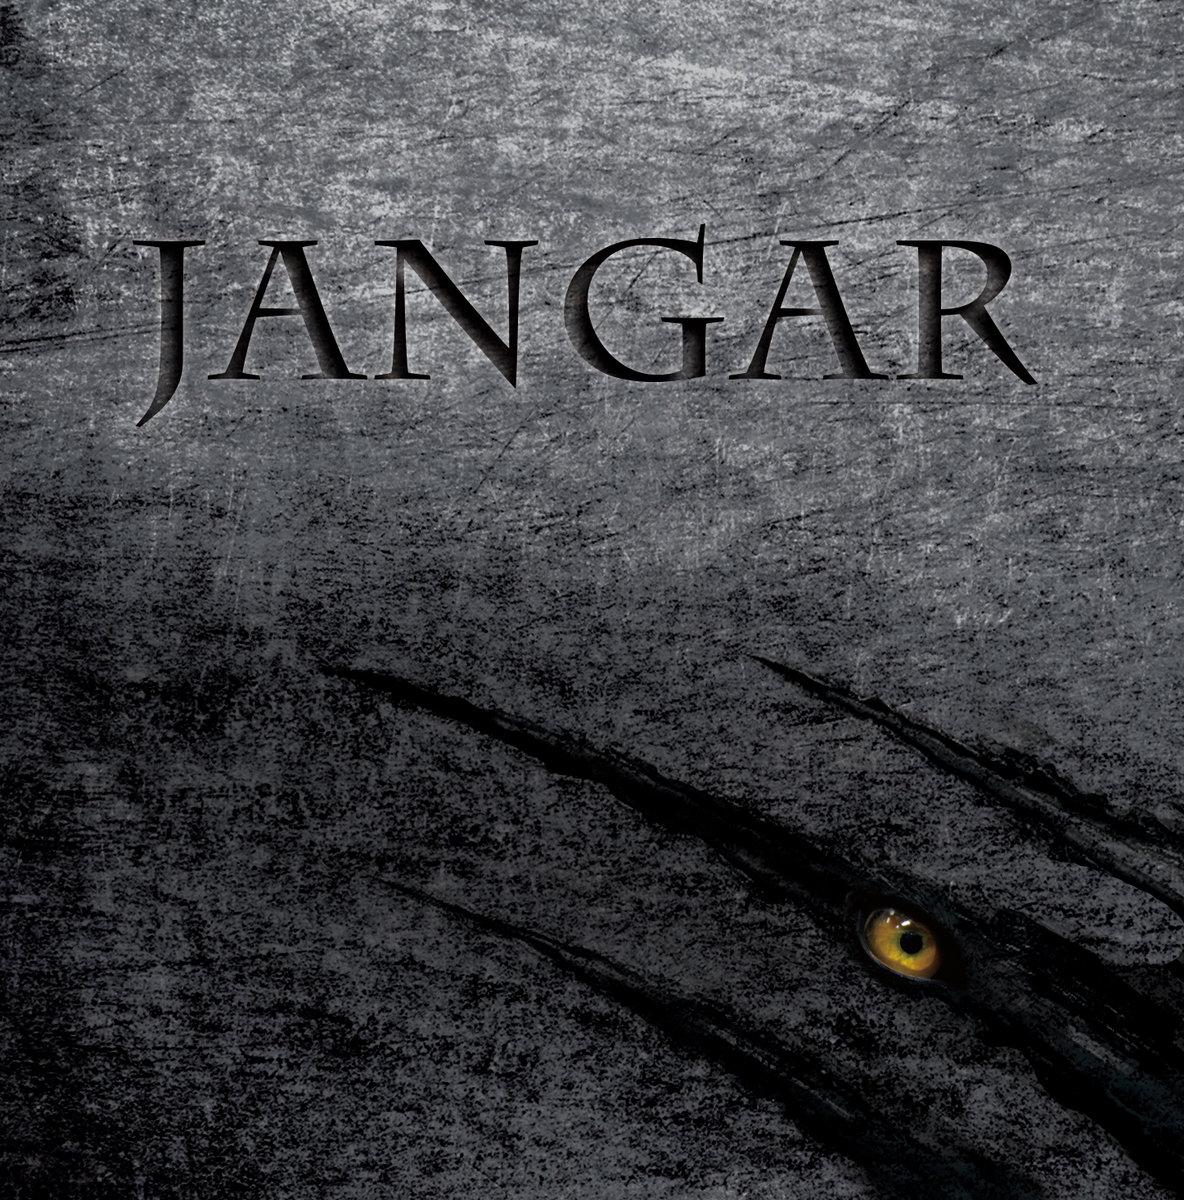 Janger mp3 download.